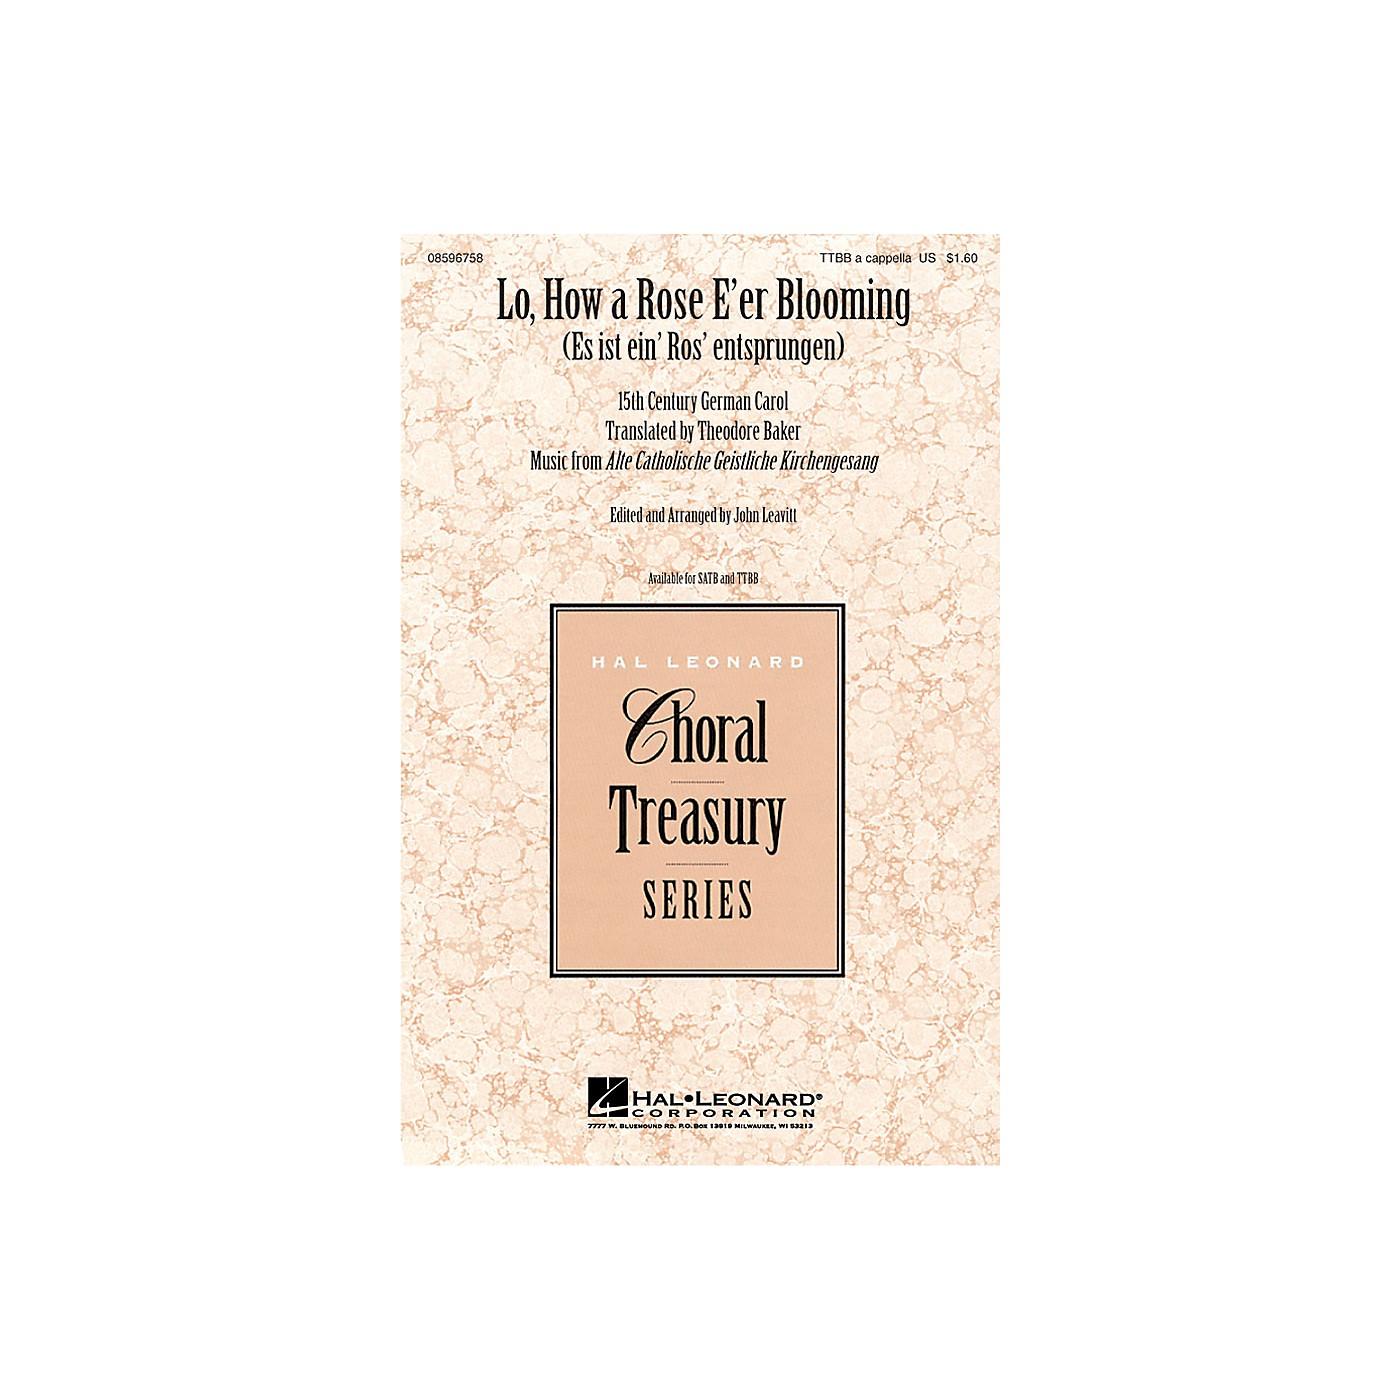 Hal Leonard Lo, How a Rose E'er Blooming TTBB arranged by John Leavitt thumbnail